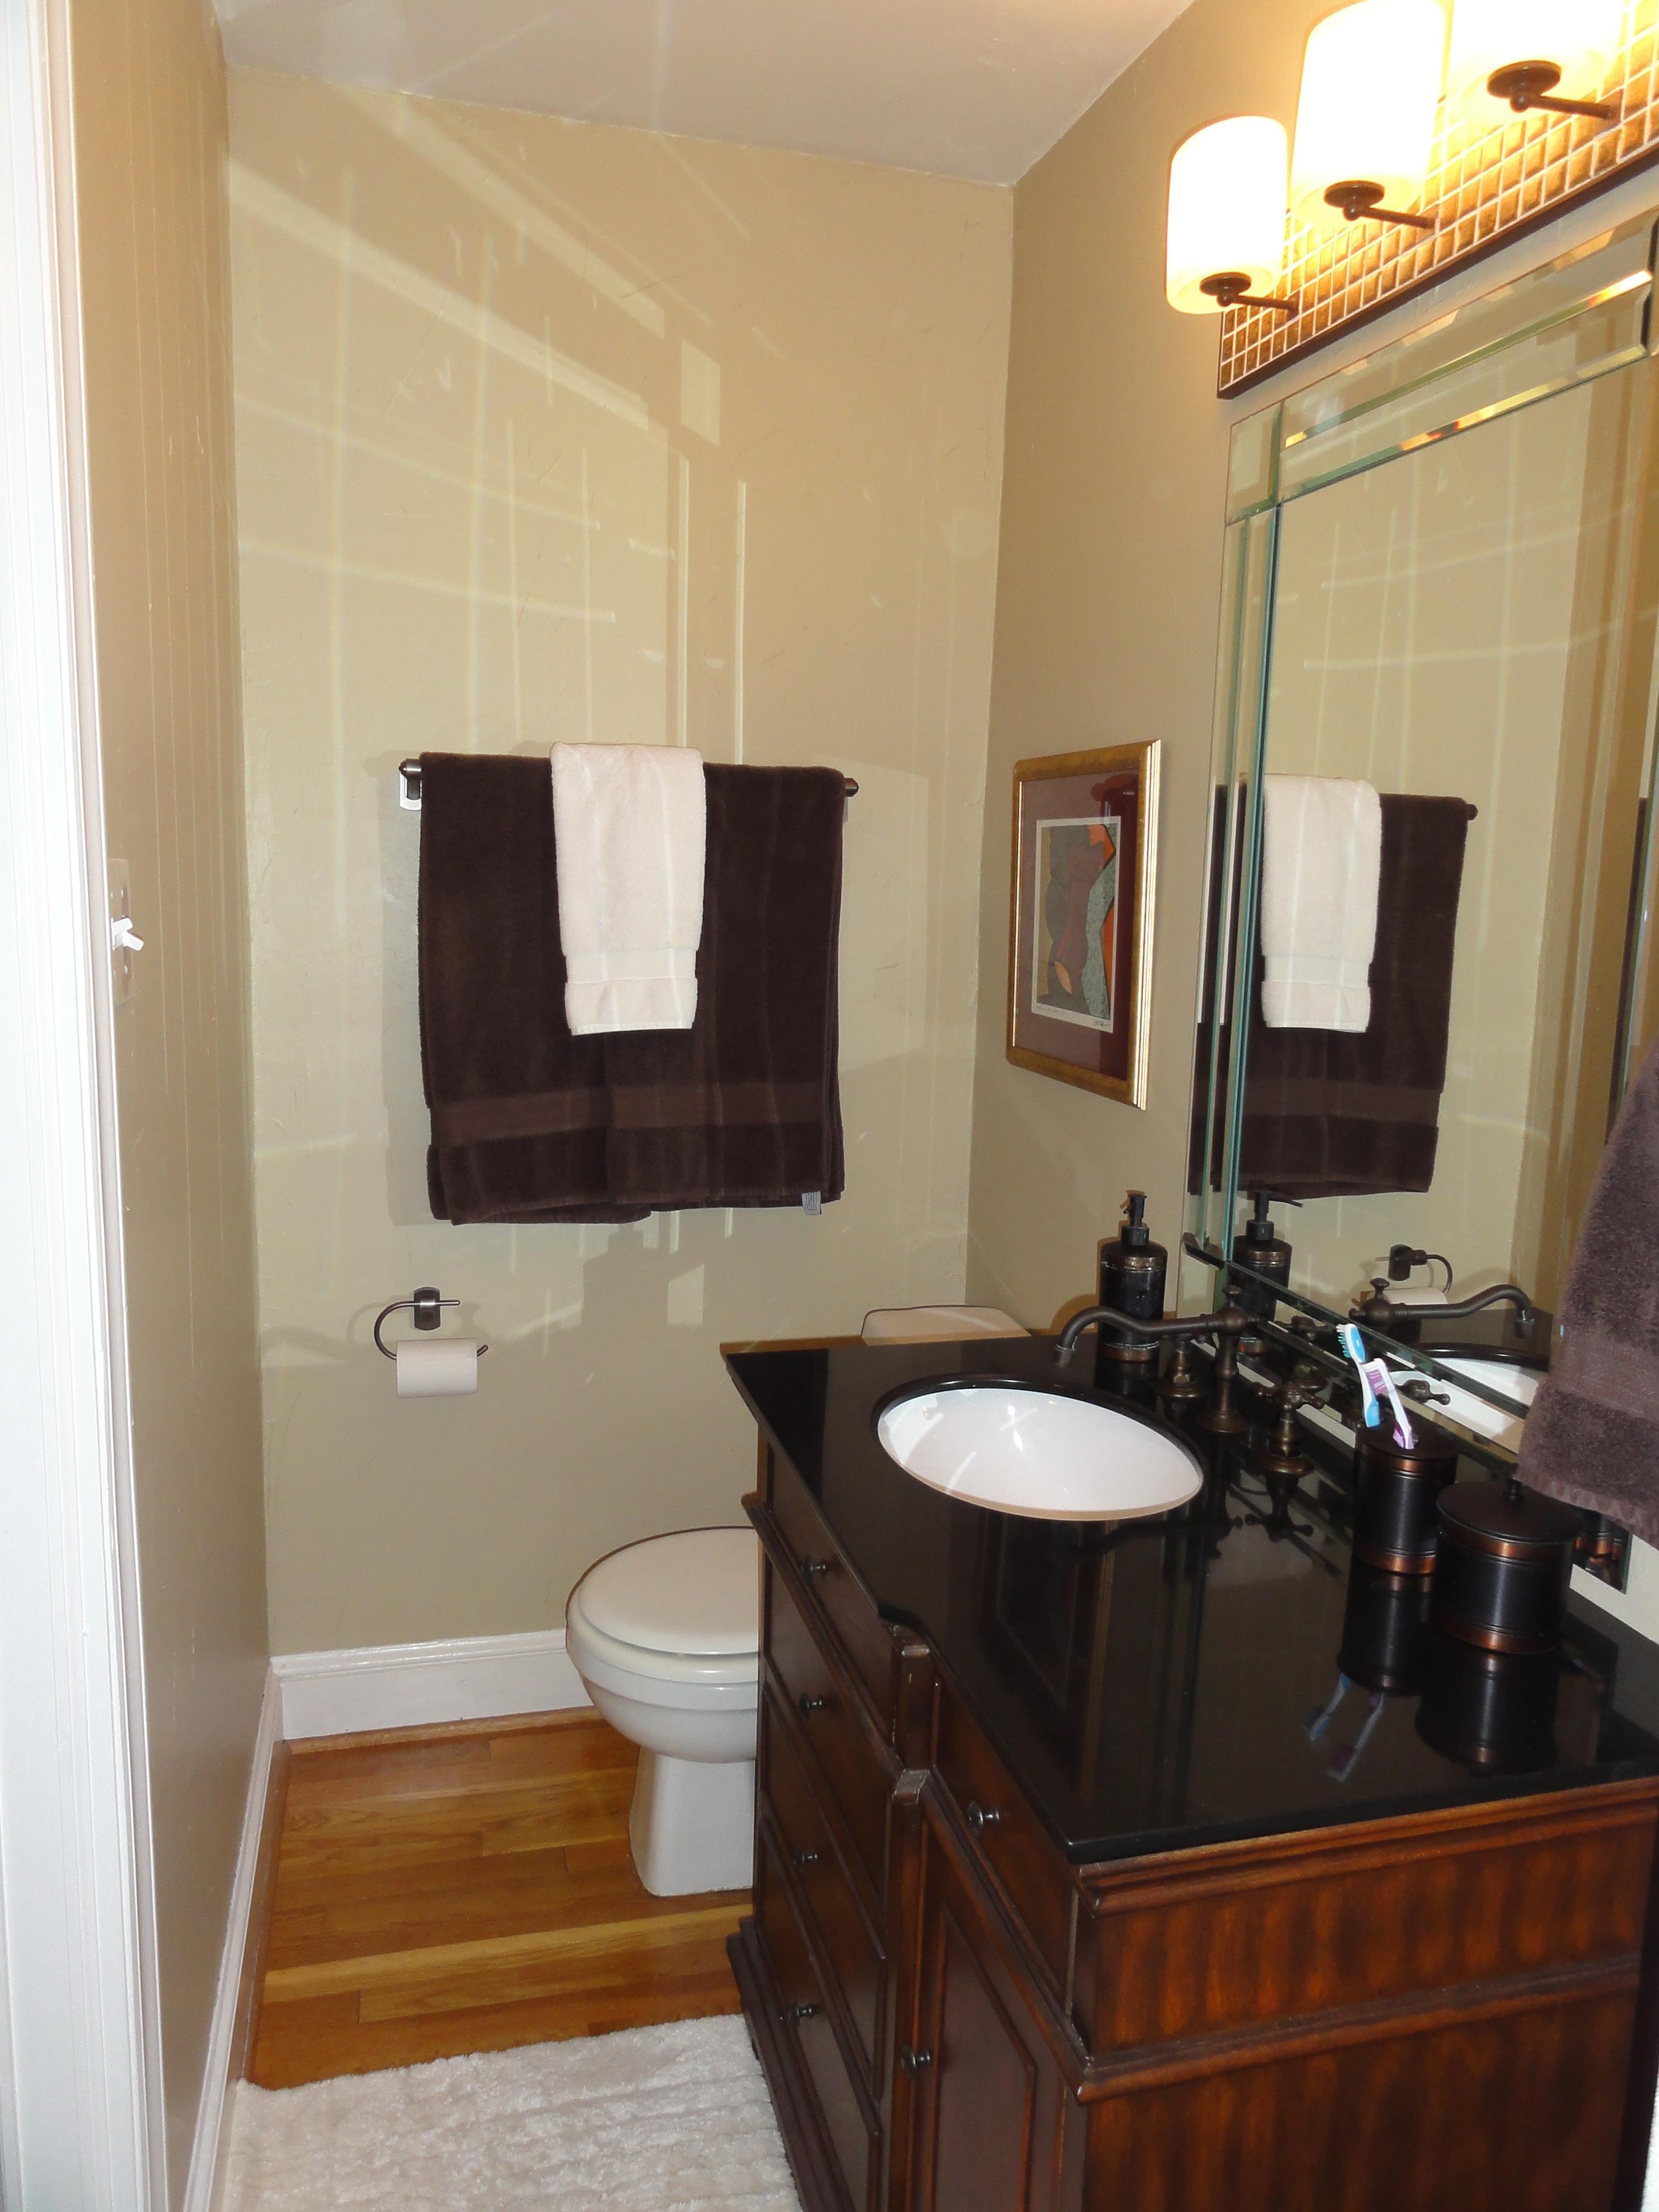 Master bathroom renovation step 6 final reveal little for Master bathroom designs 2012